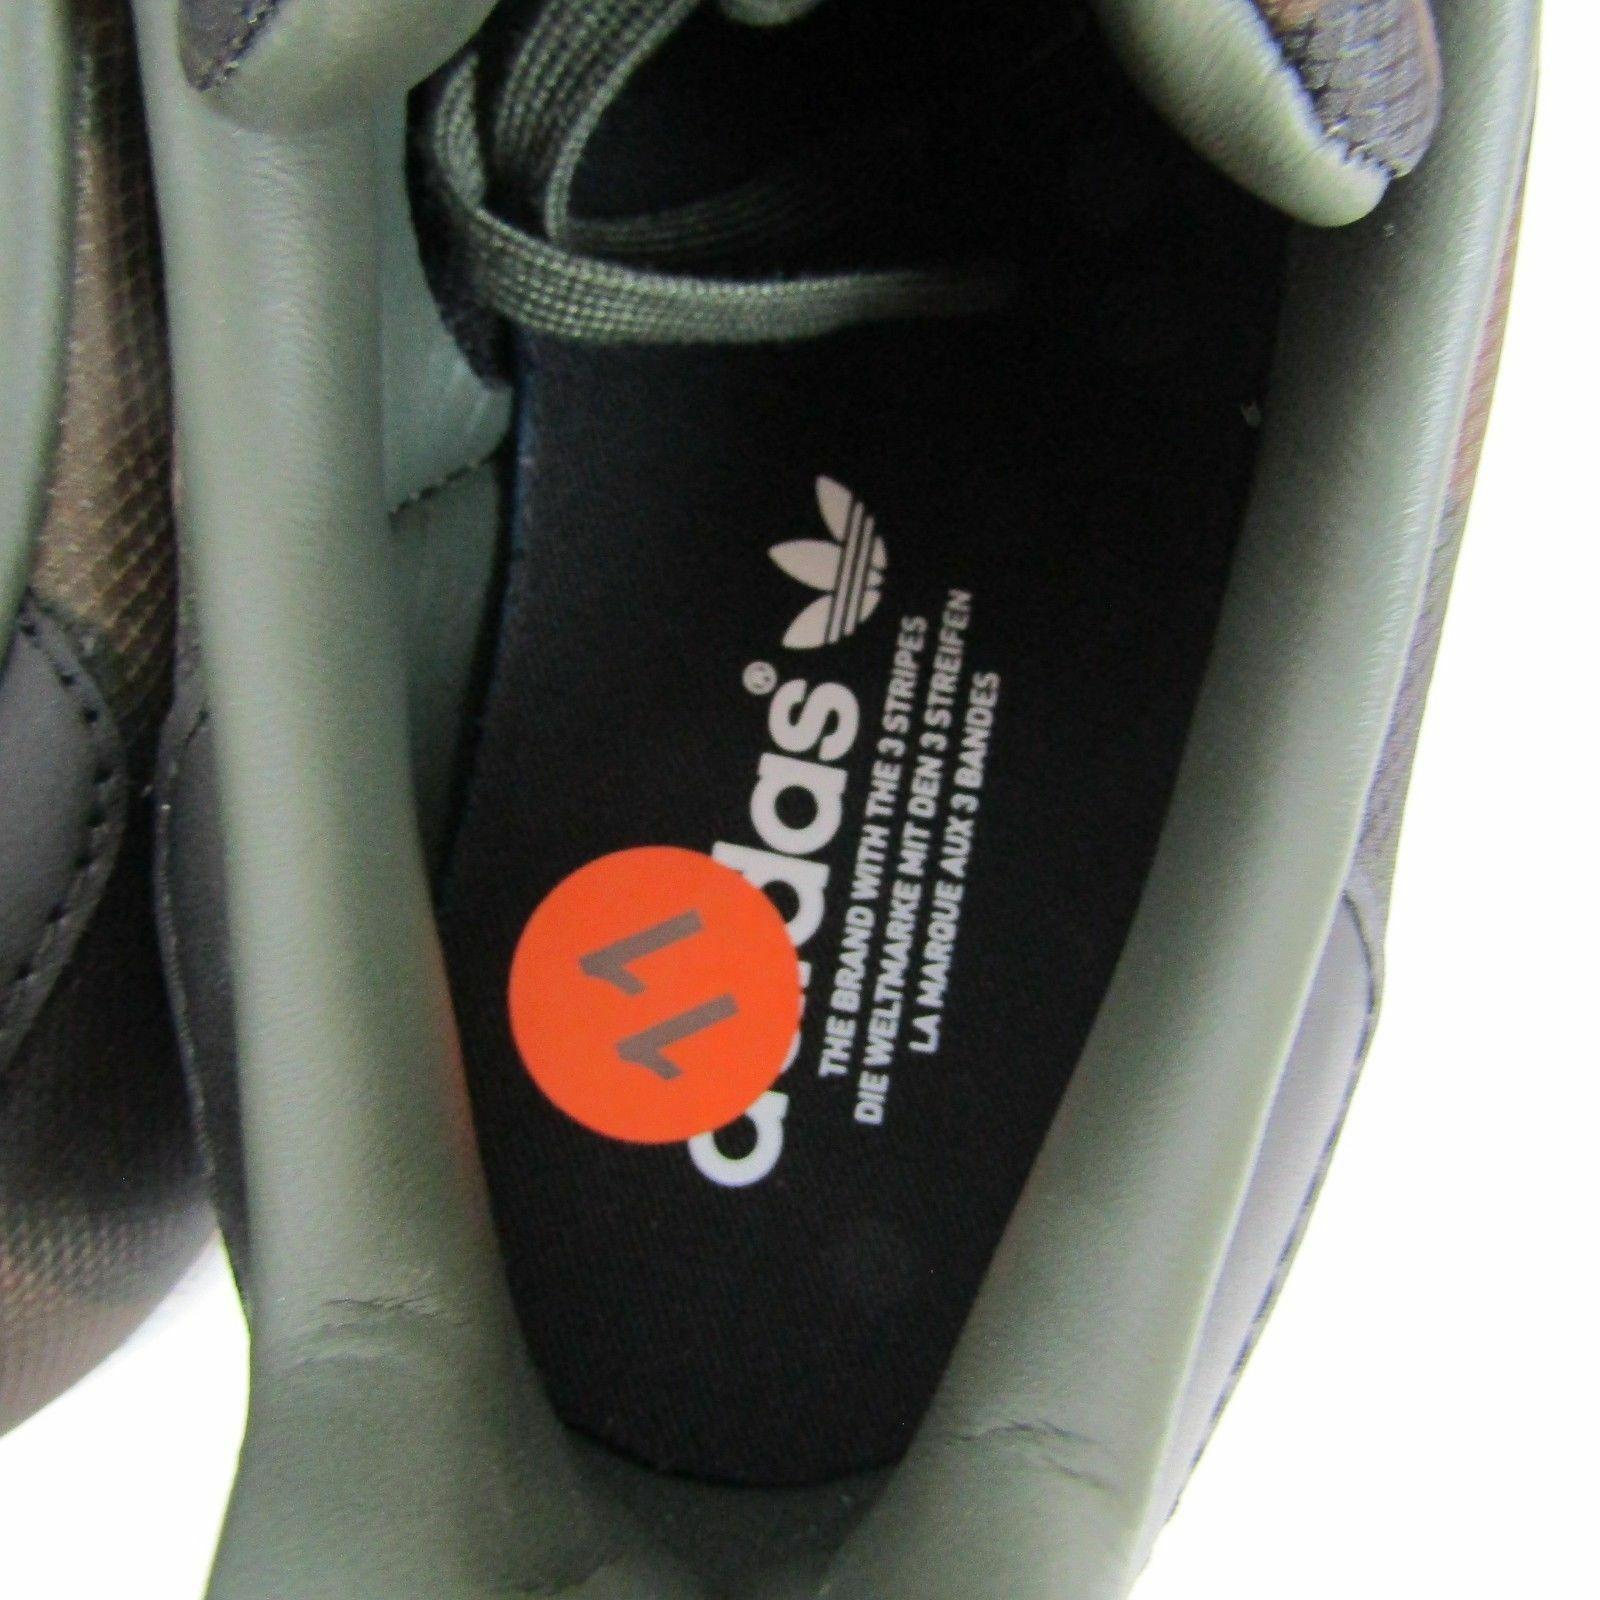 f26ed21d28d New Mens Adidas Originals Superstar Camo Limited Shoes - Run DMC - BZ0188 - SZ-